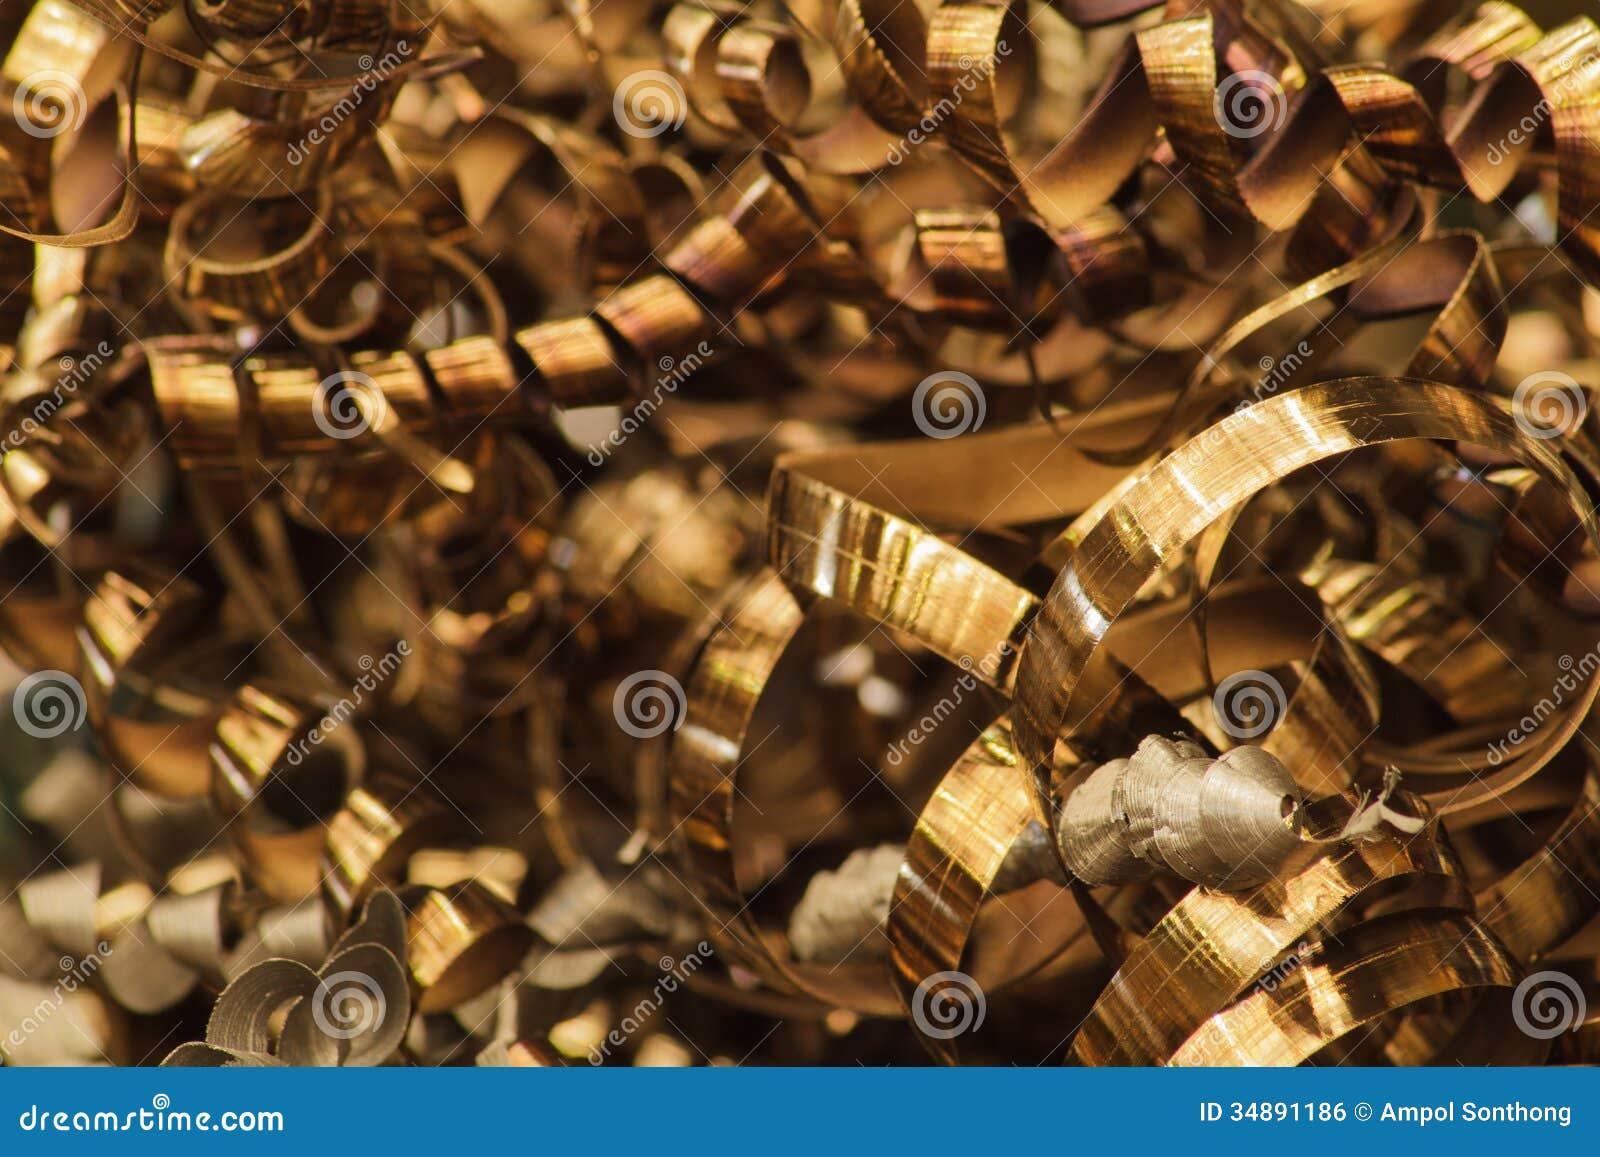 Scrap Metal of CNC Machine